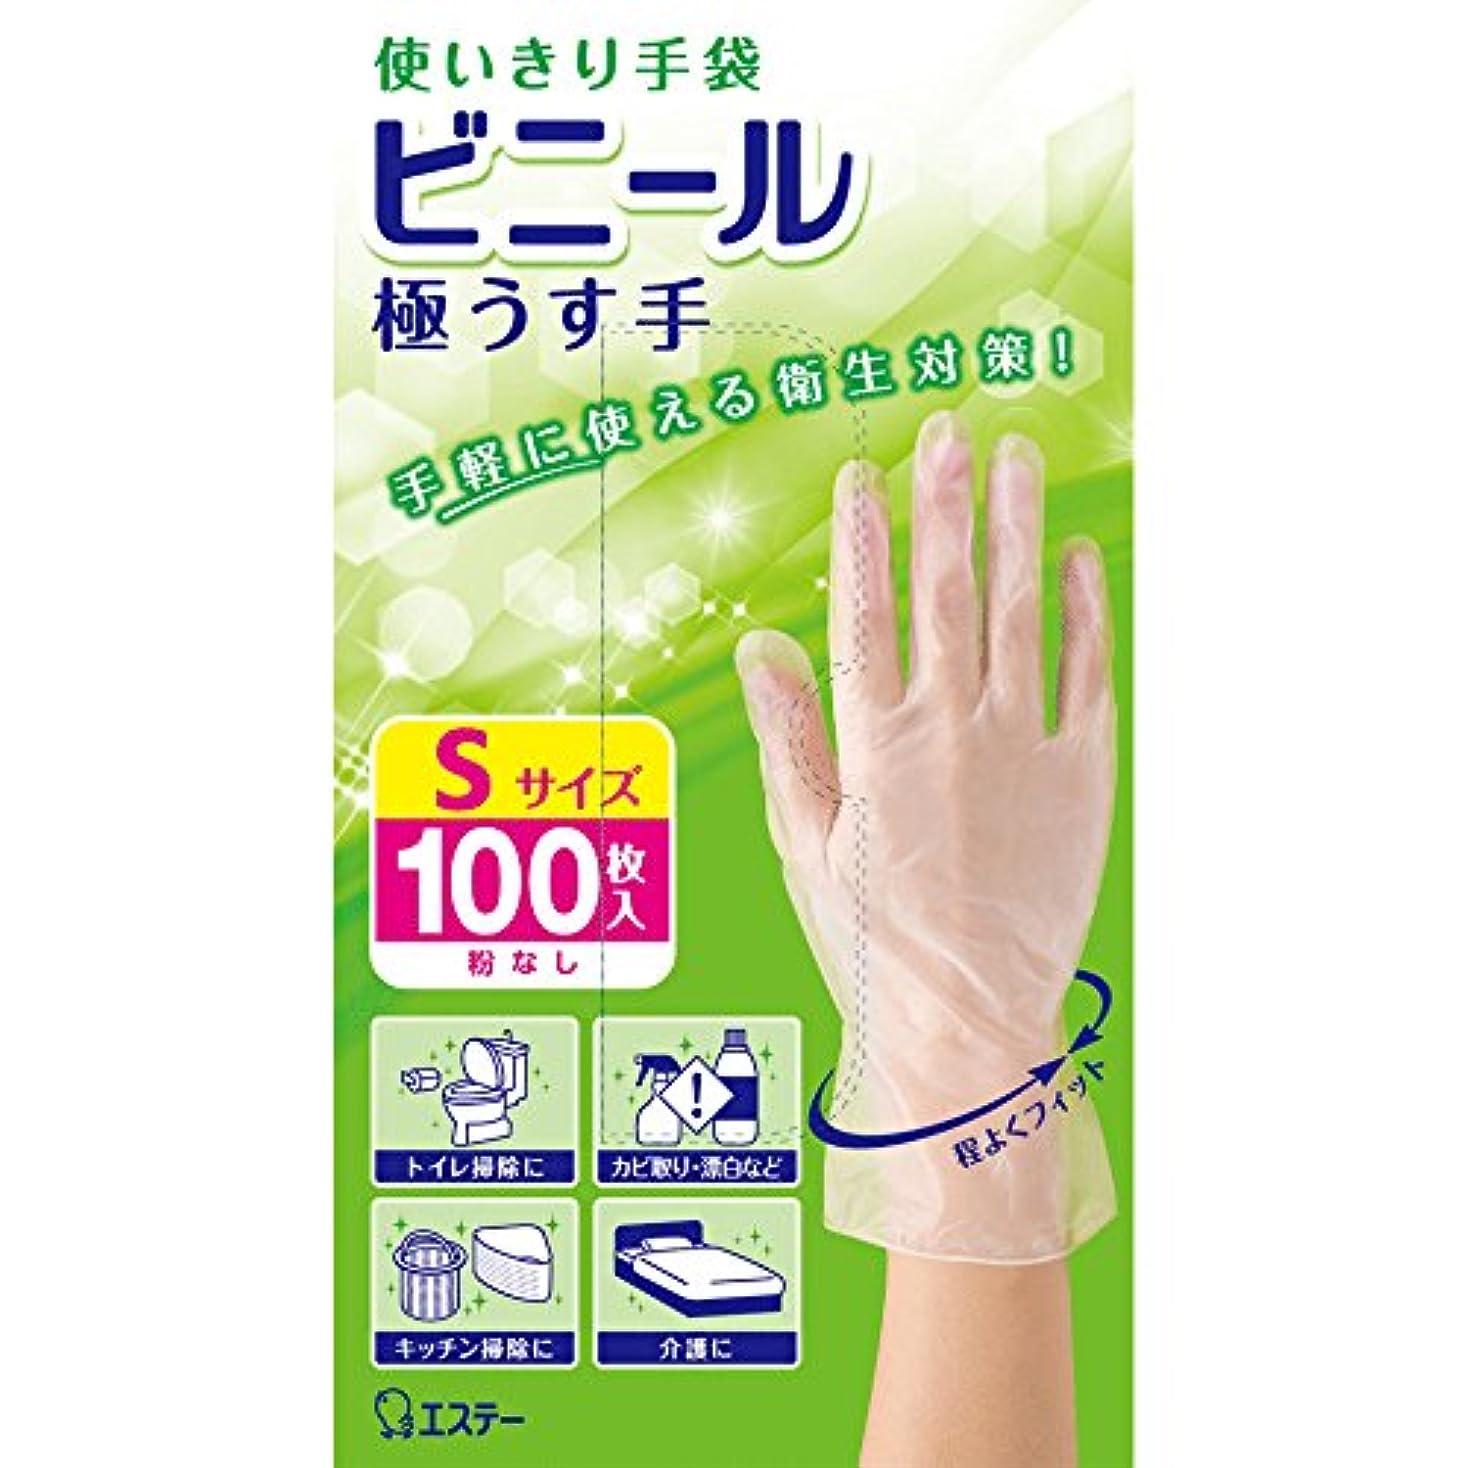 債務ヘルパー一人で使いきり手袋 ビニール 極うす手 炊事?掃除用 Sサイズ 半透明 100枚